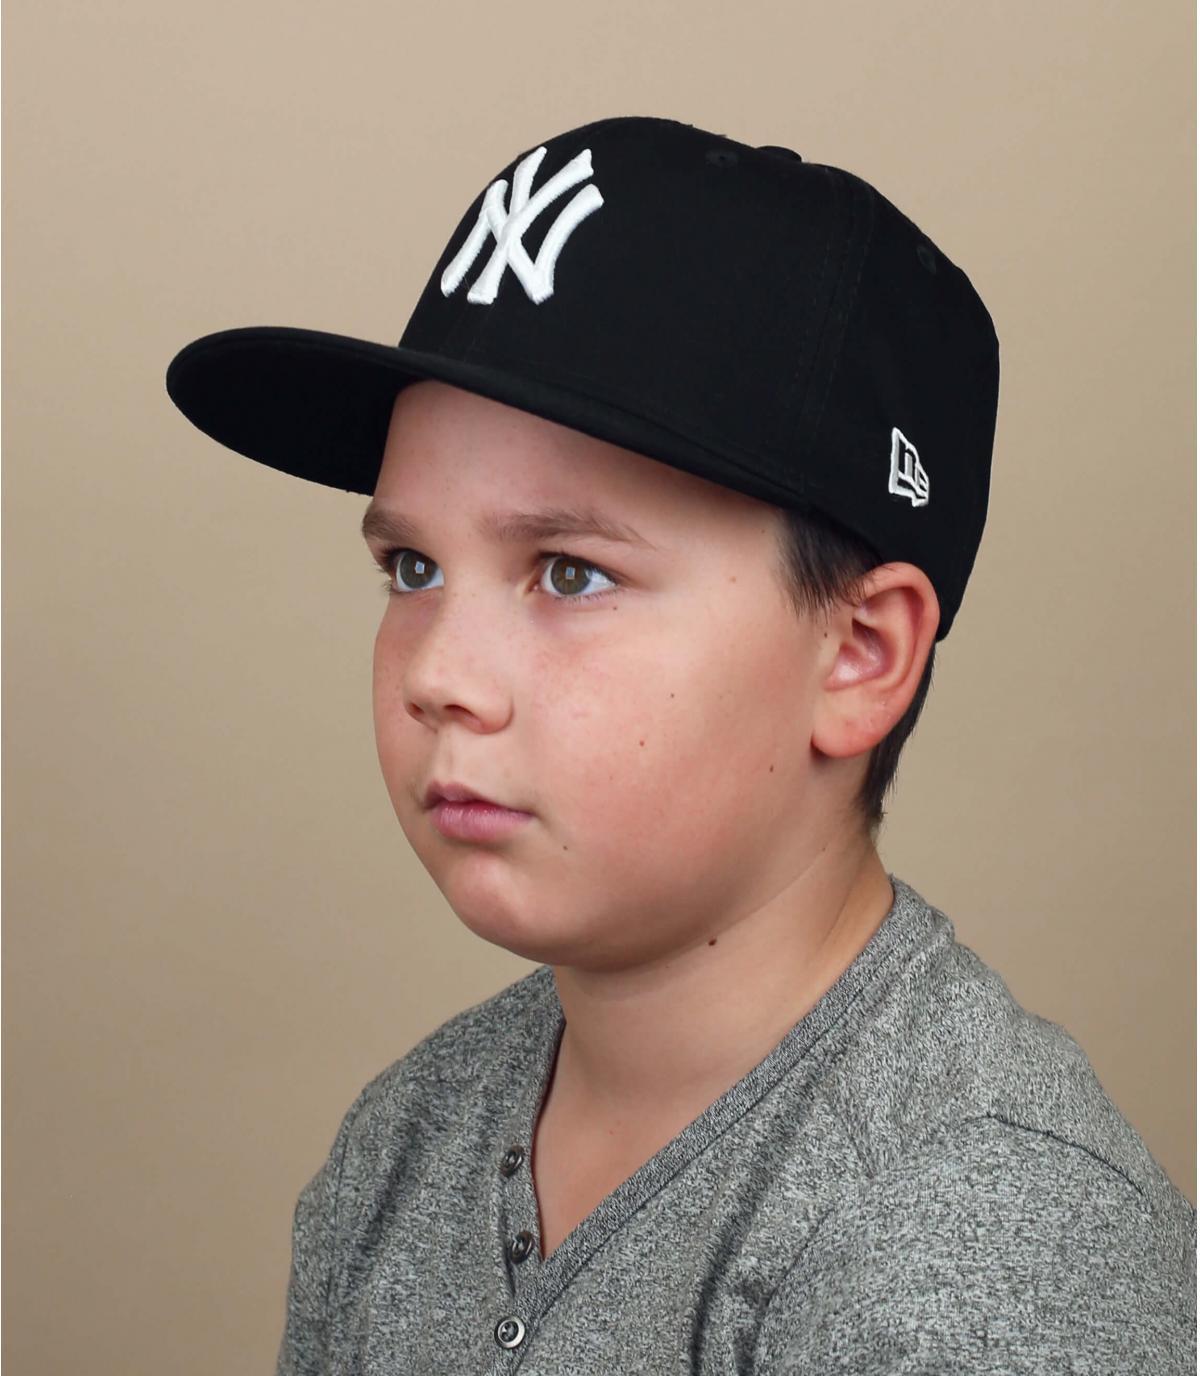 casquette enfant NY noir blanc